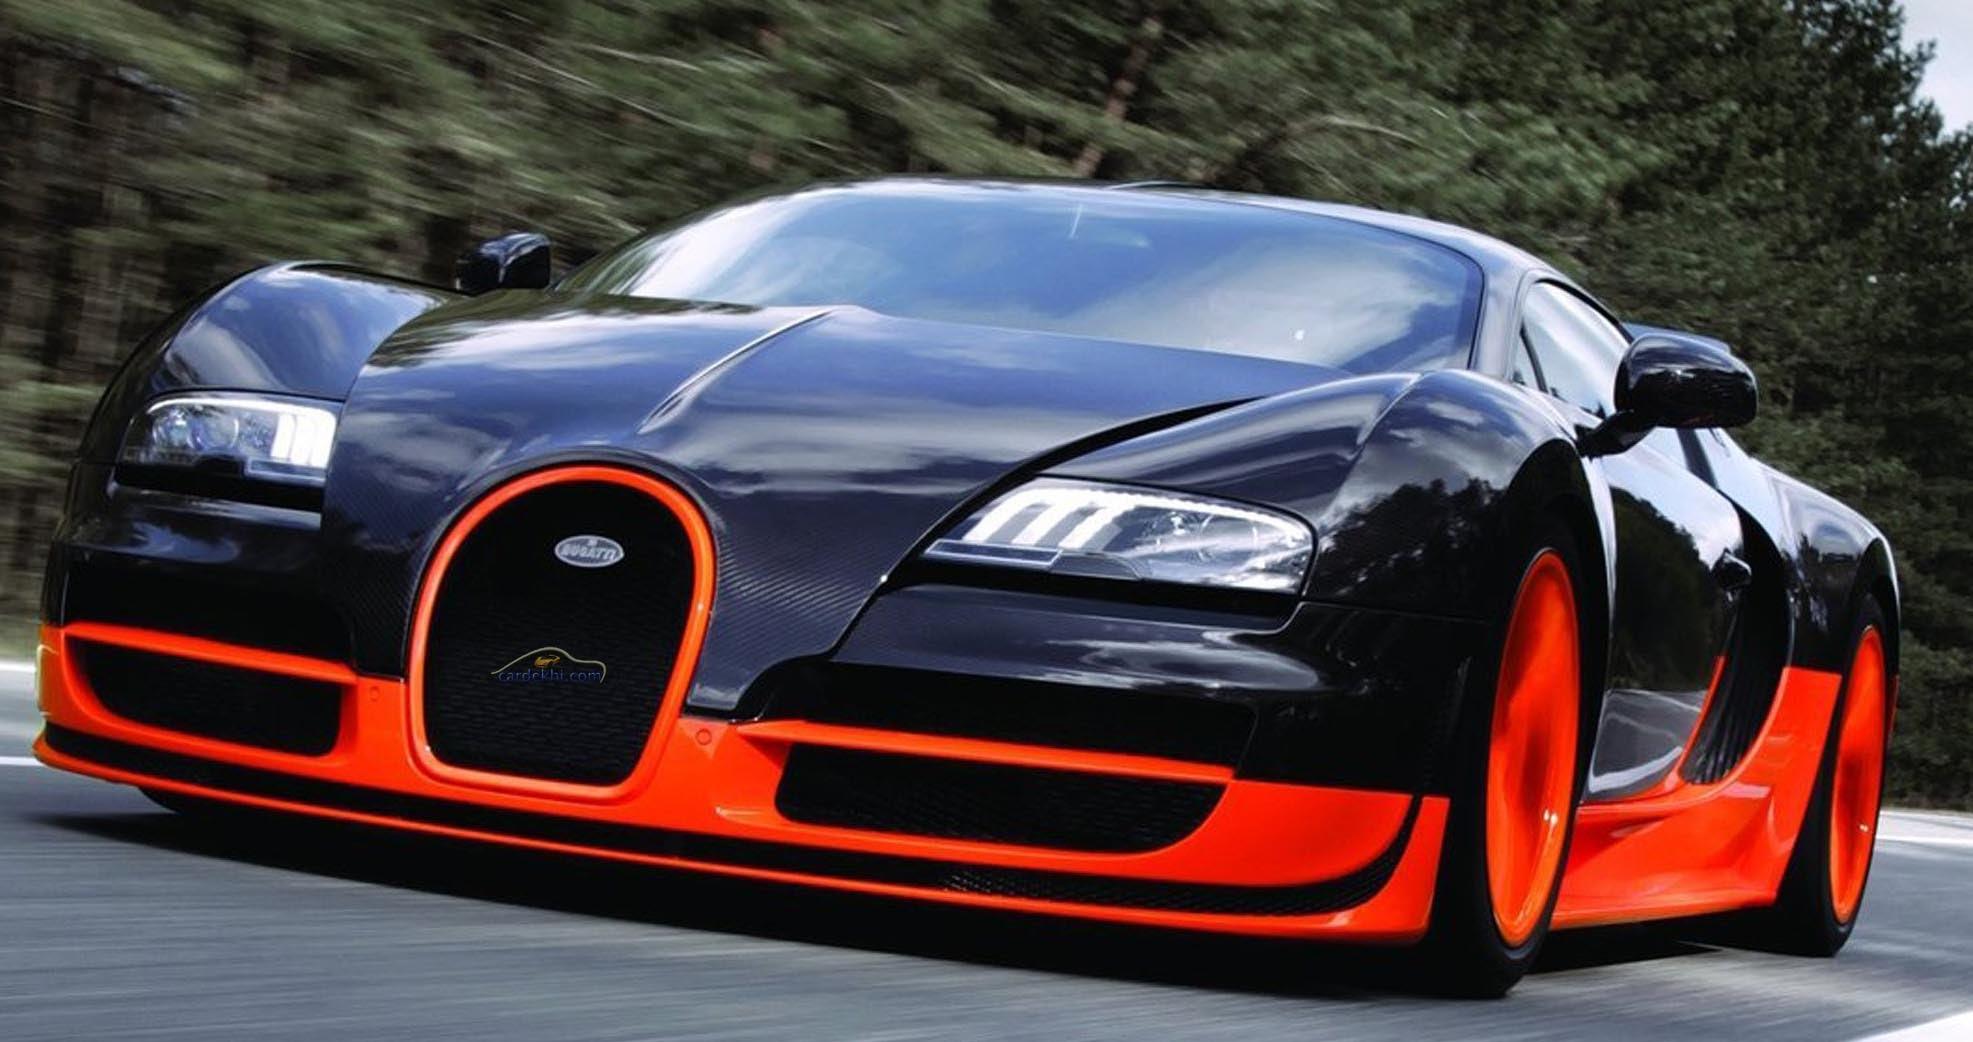 صوره احسن سيارة في العالم , متع فكرك بالمعرفه